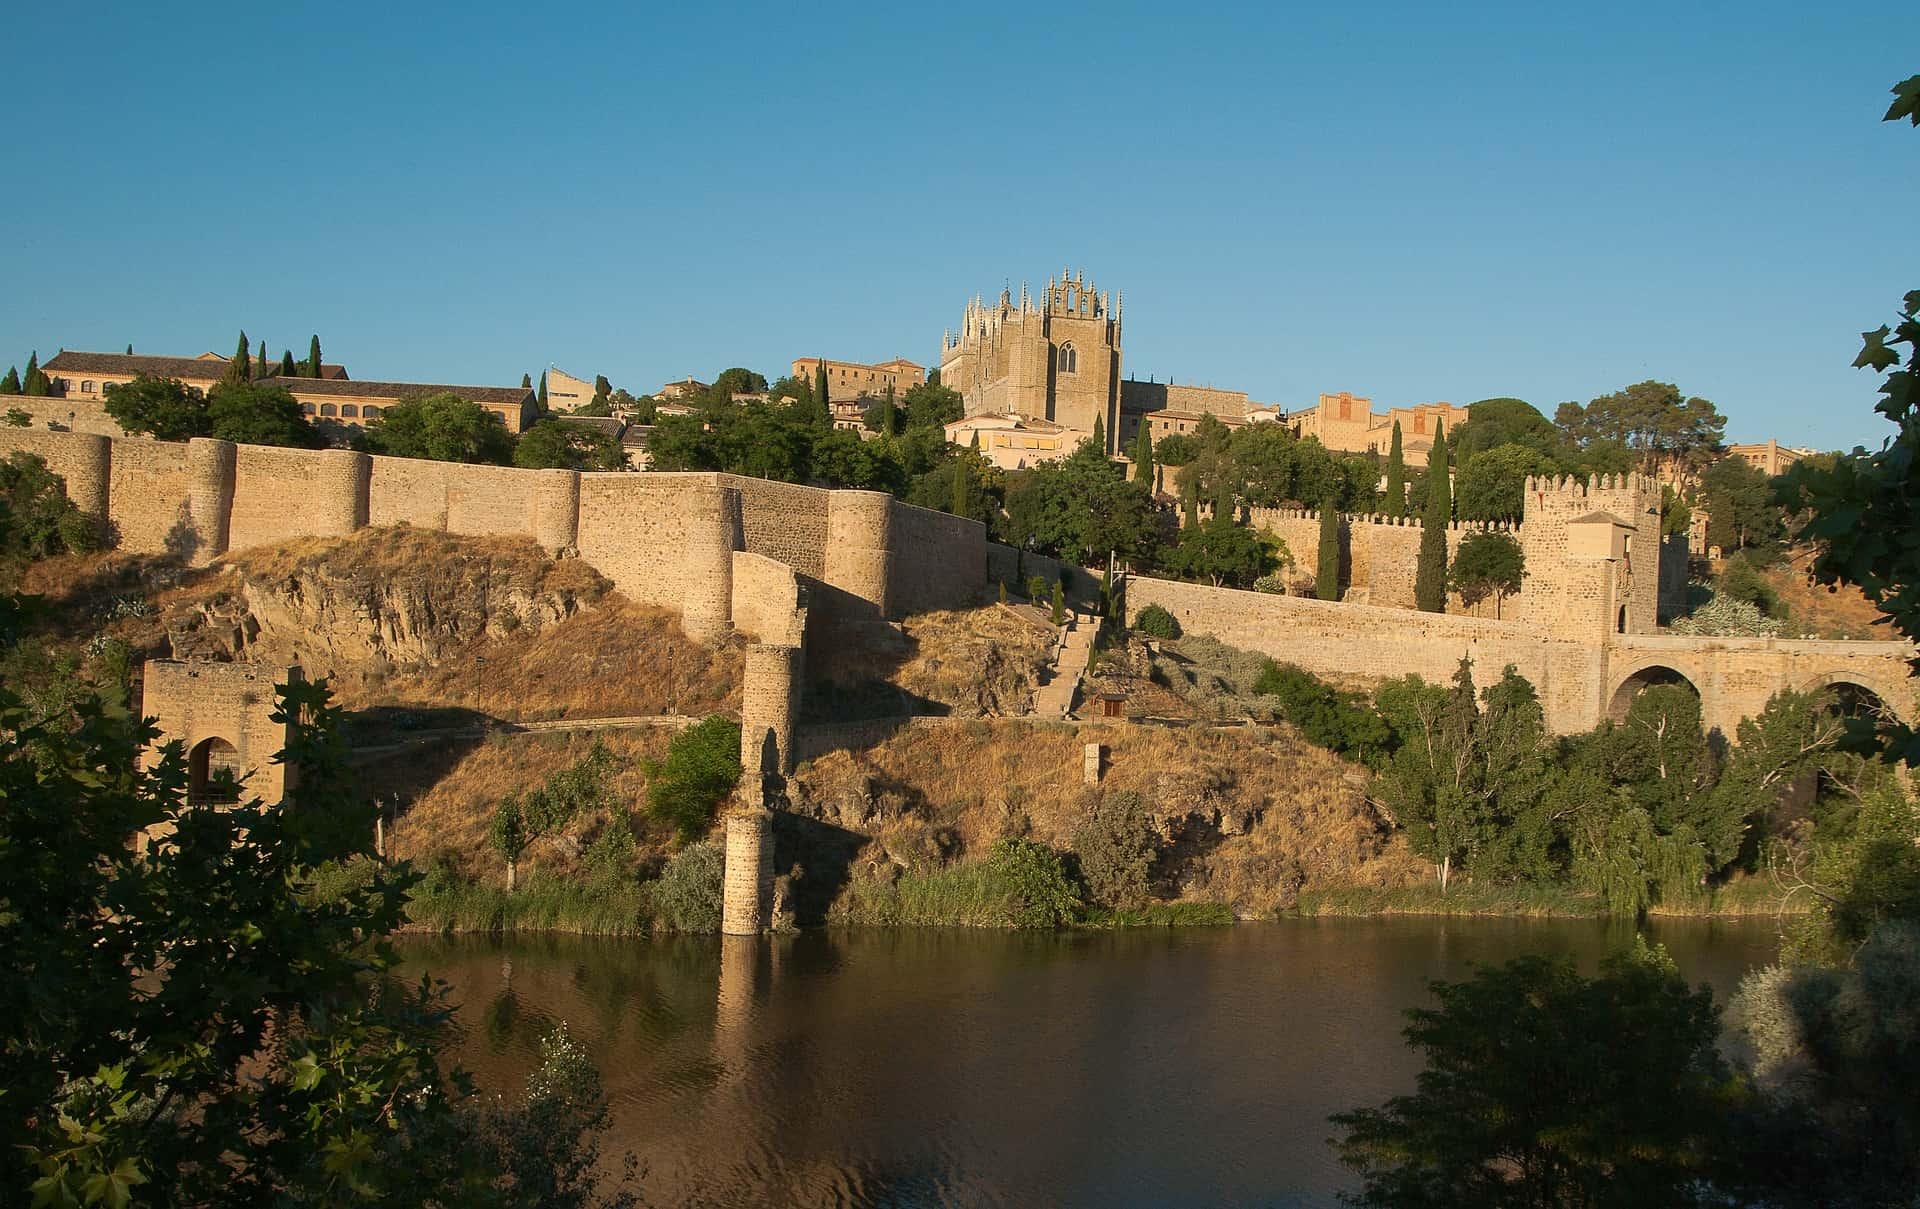 Toledo's walls